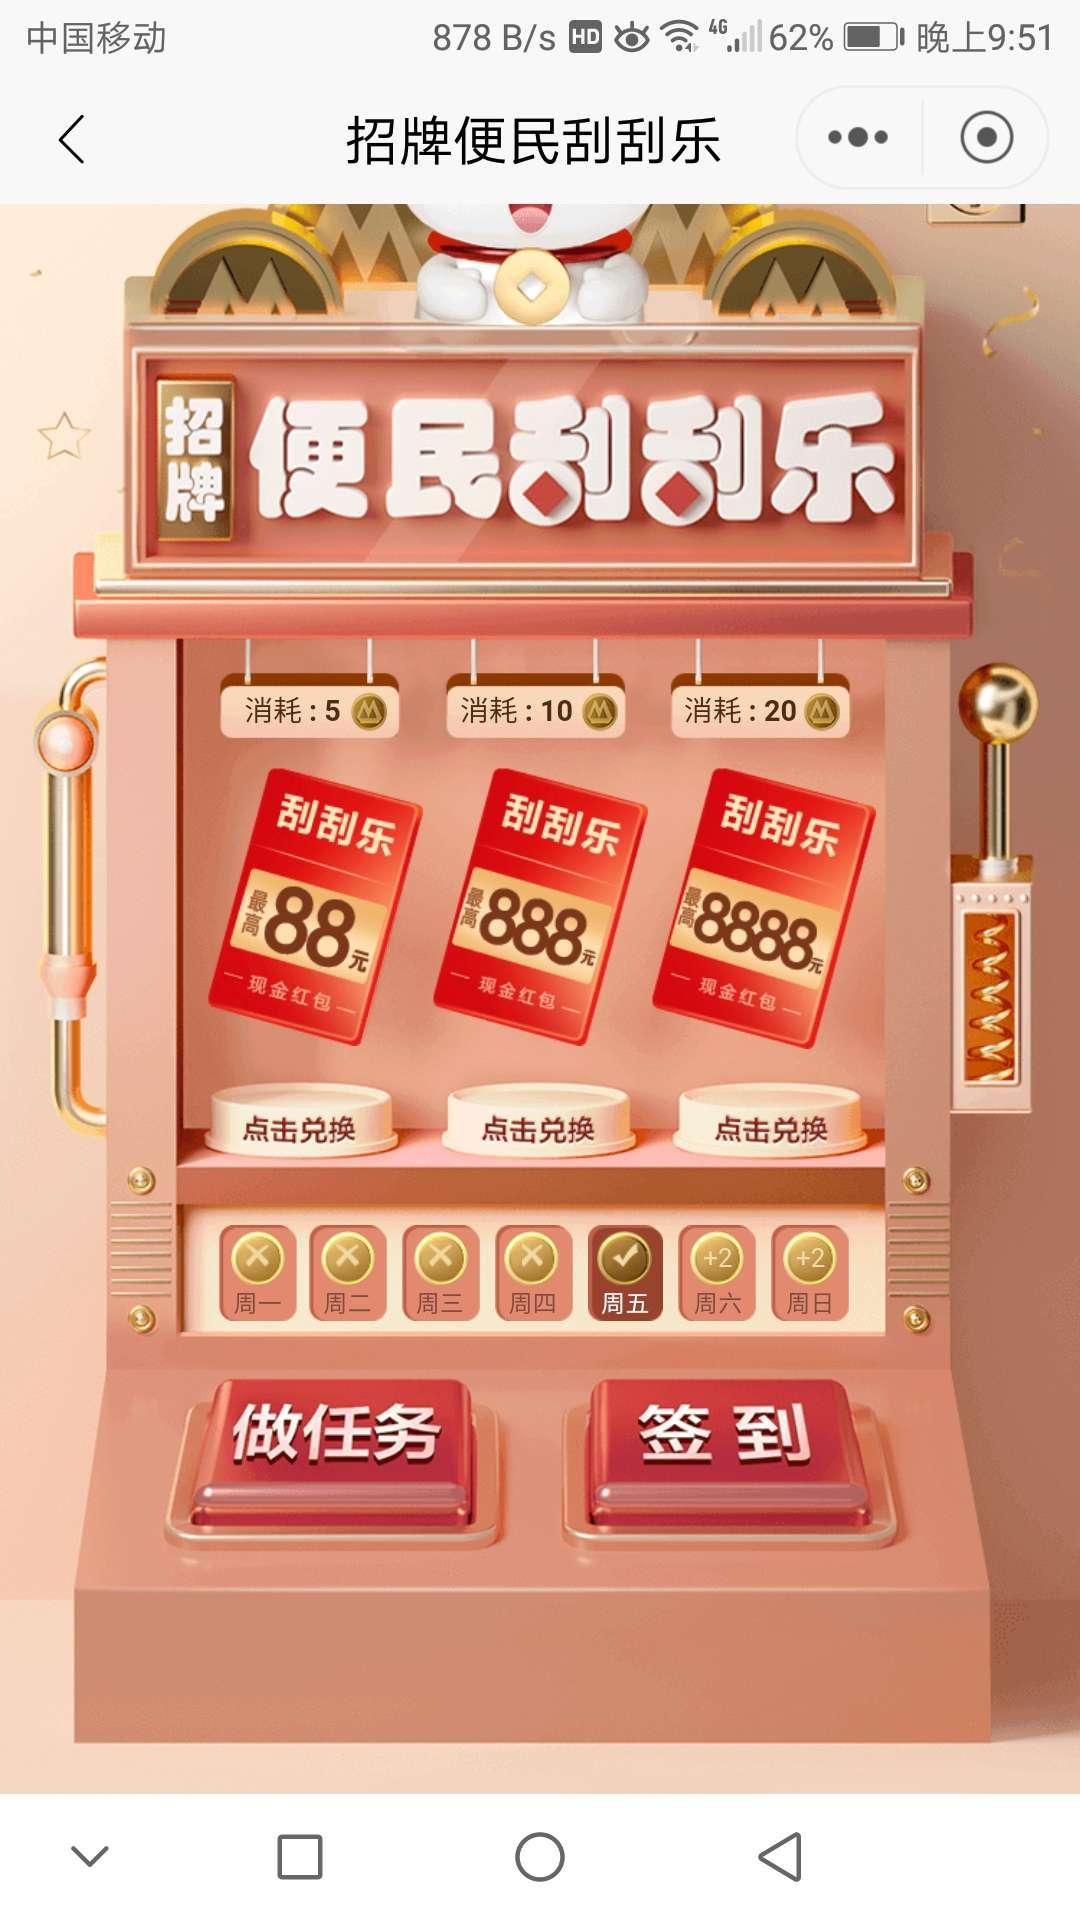 【话费红包】招商银行刮刮乐-聚合资源网